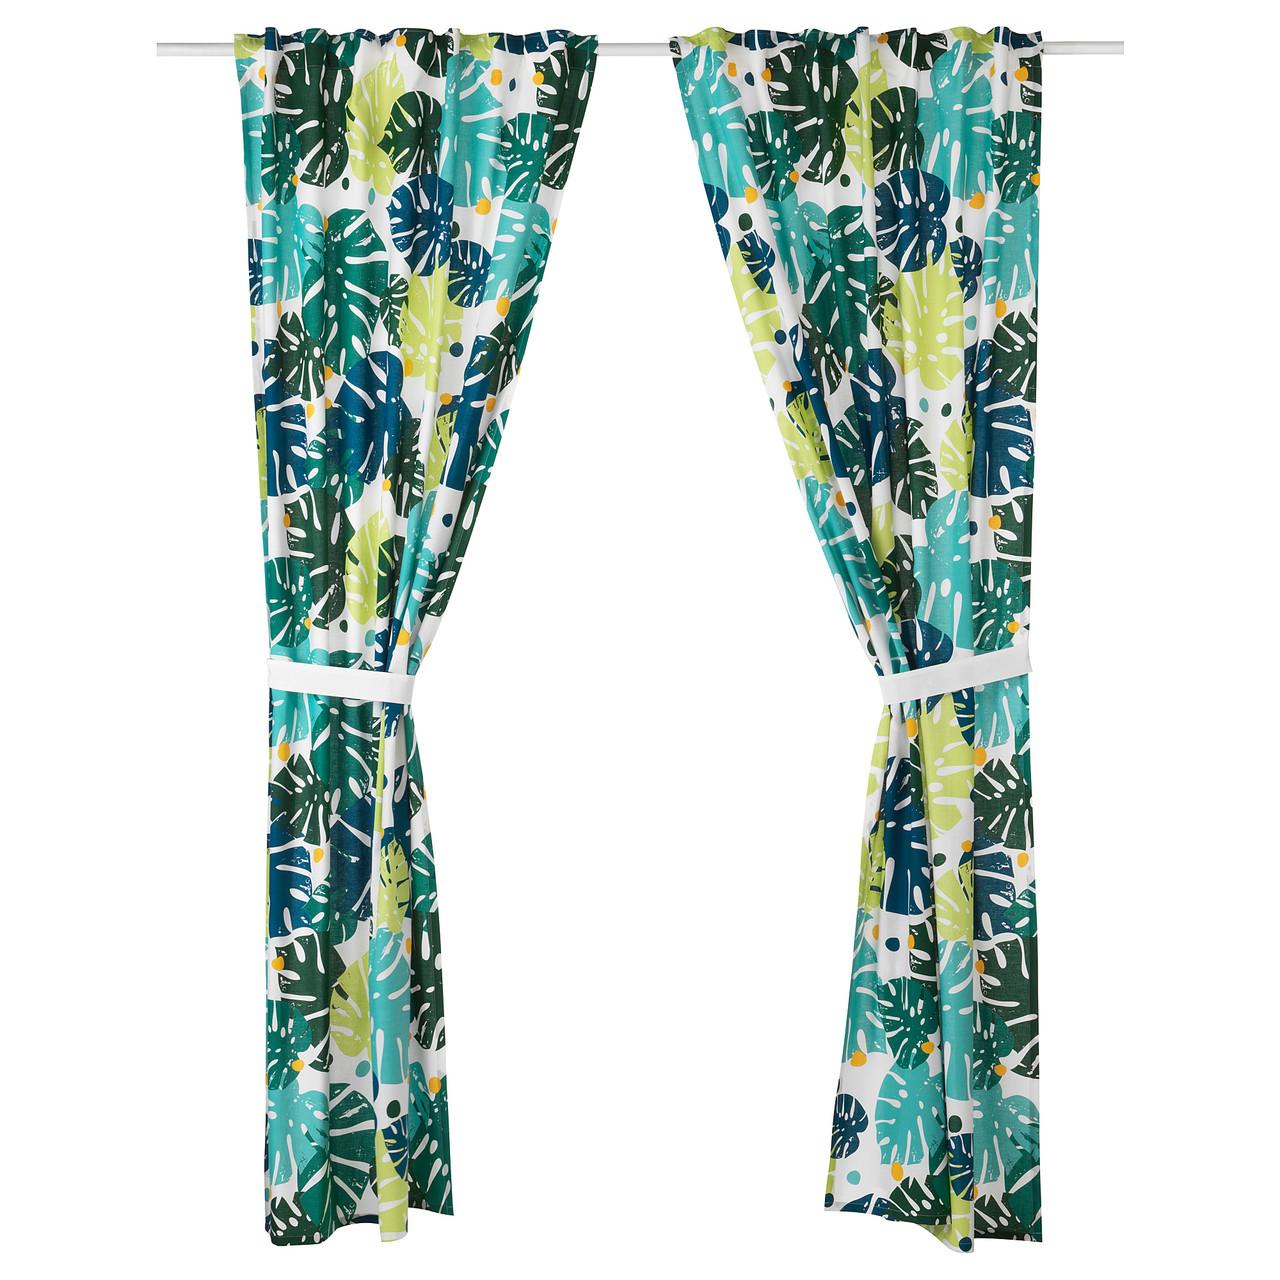 """ИКЕА """"УРСКОГ"""" Гардины с прихватом, разноцветные с рисунком в виде листочков, в тропическом стиле, 120x300 см."""